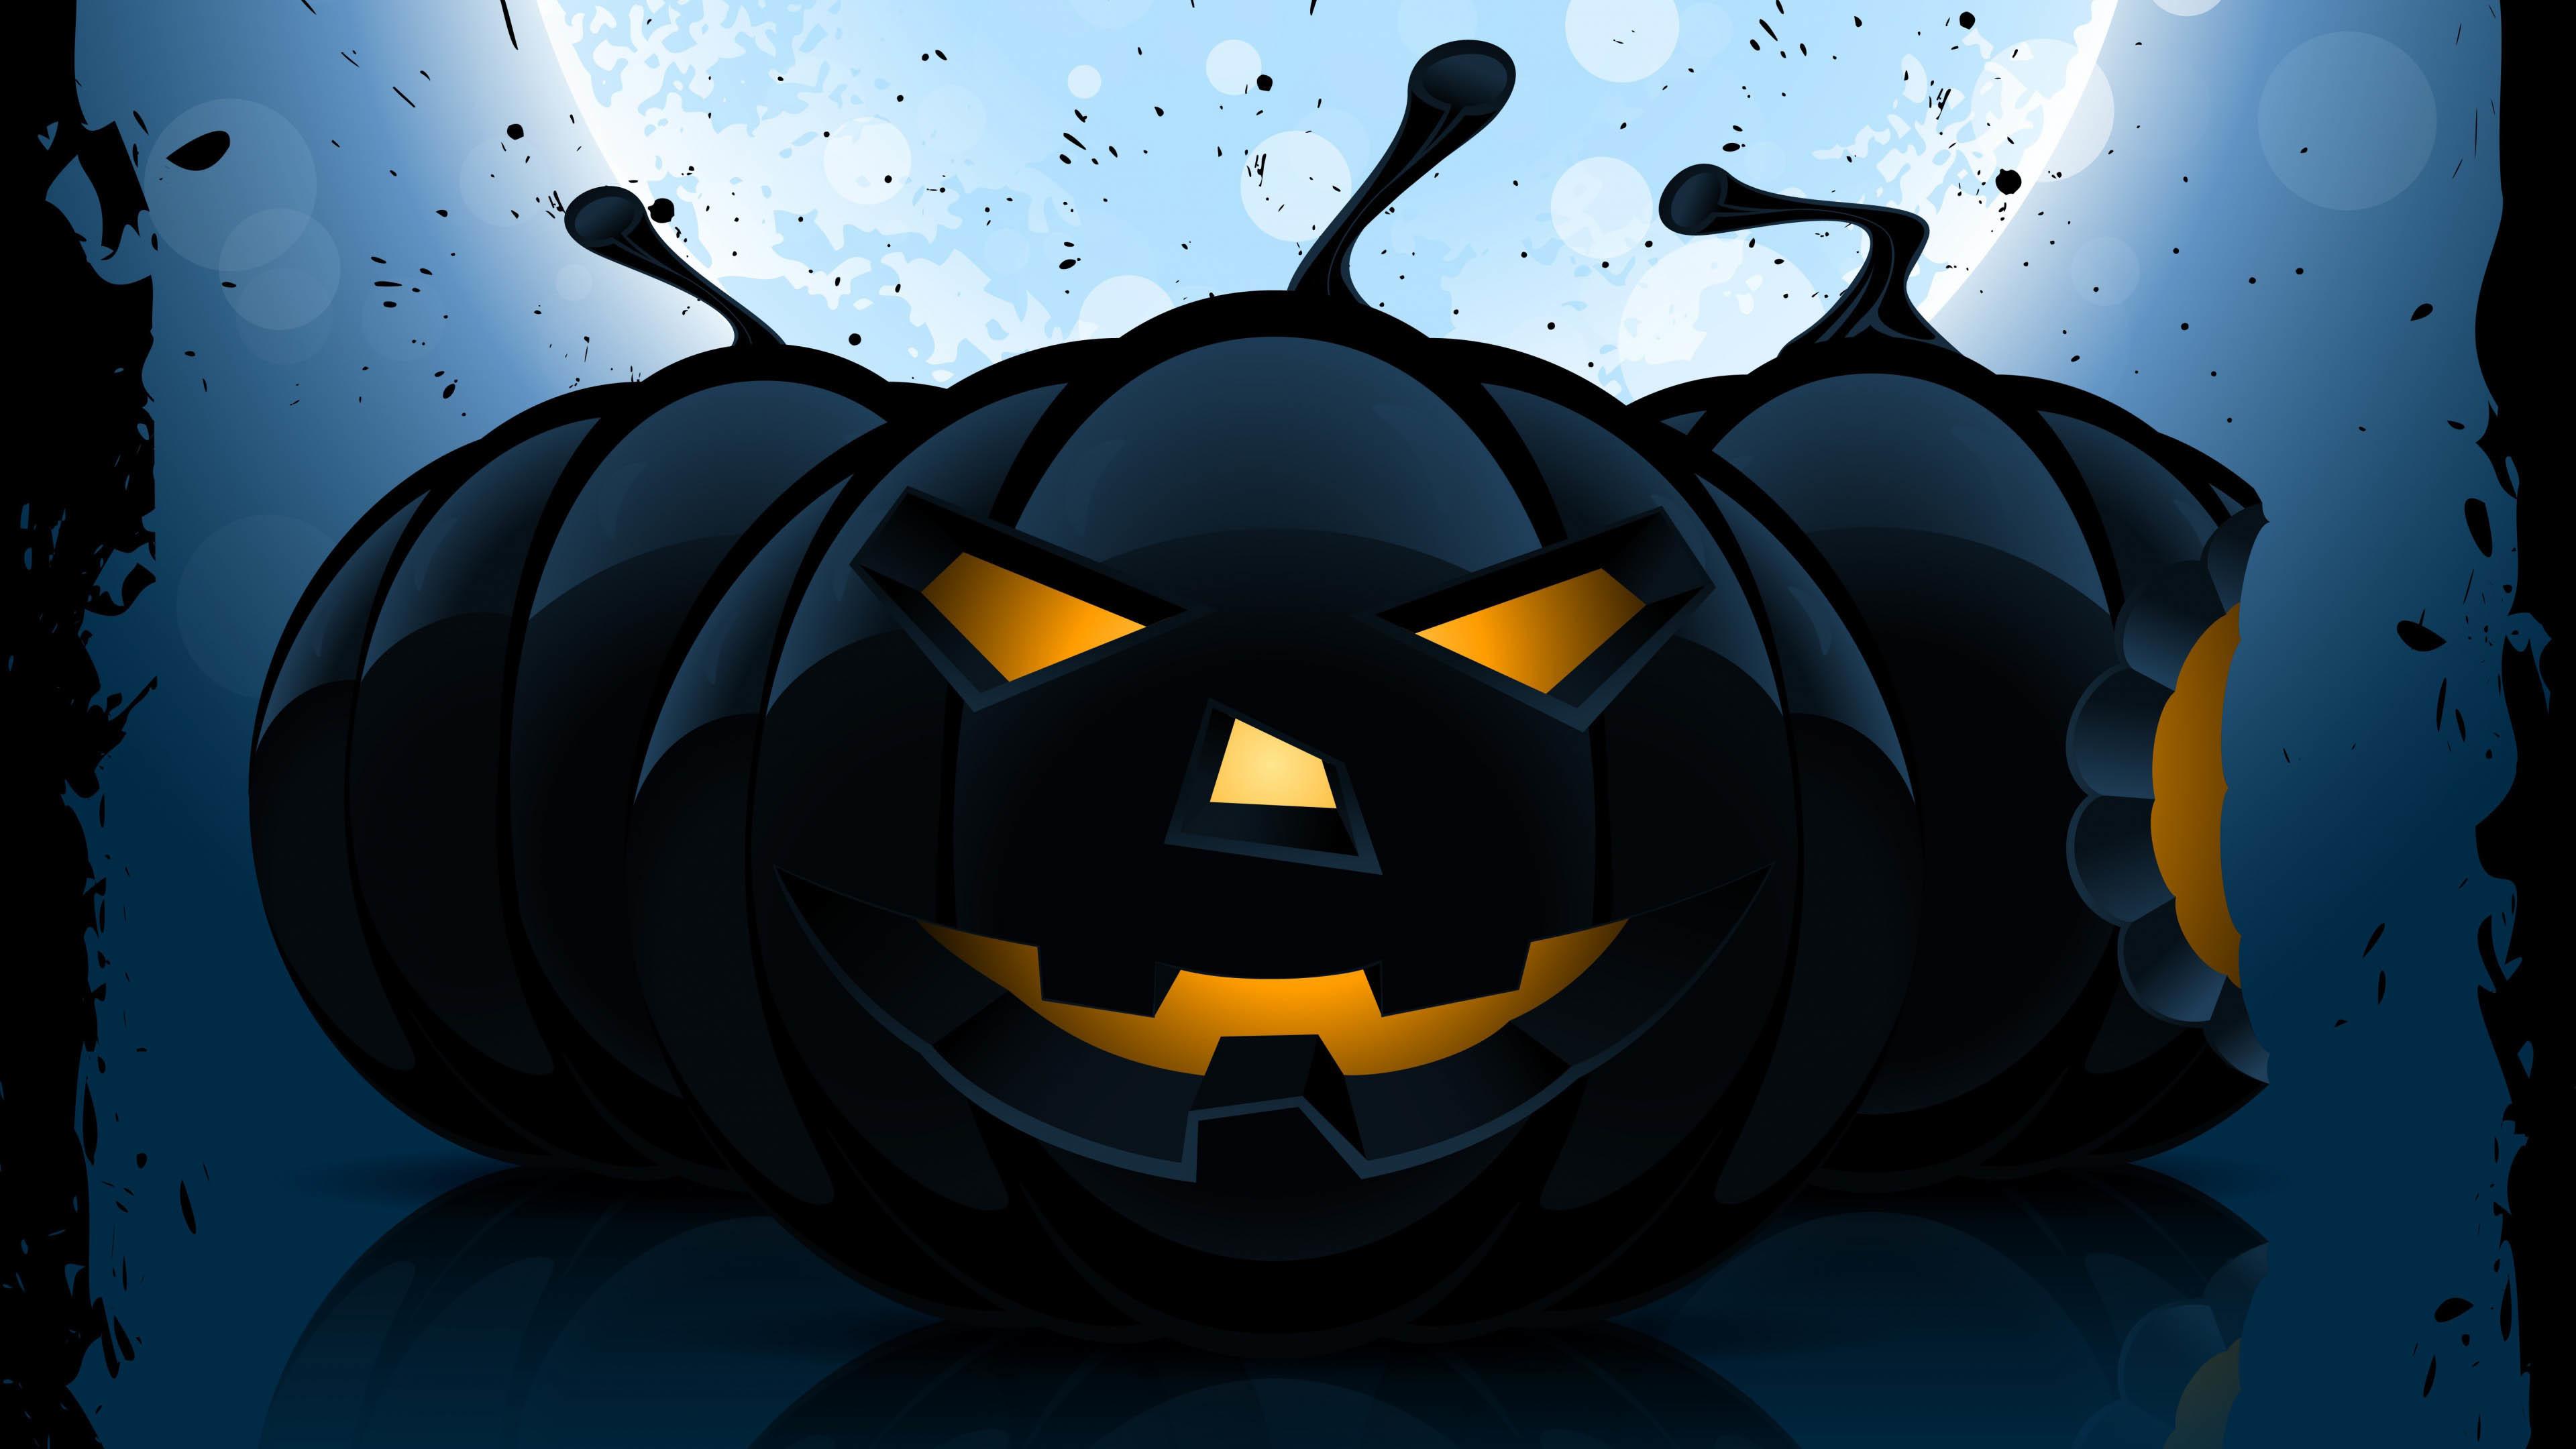 Halloween Pumpkin in the Dark wallpaper